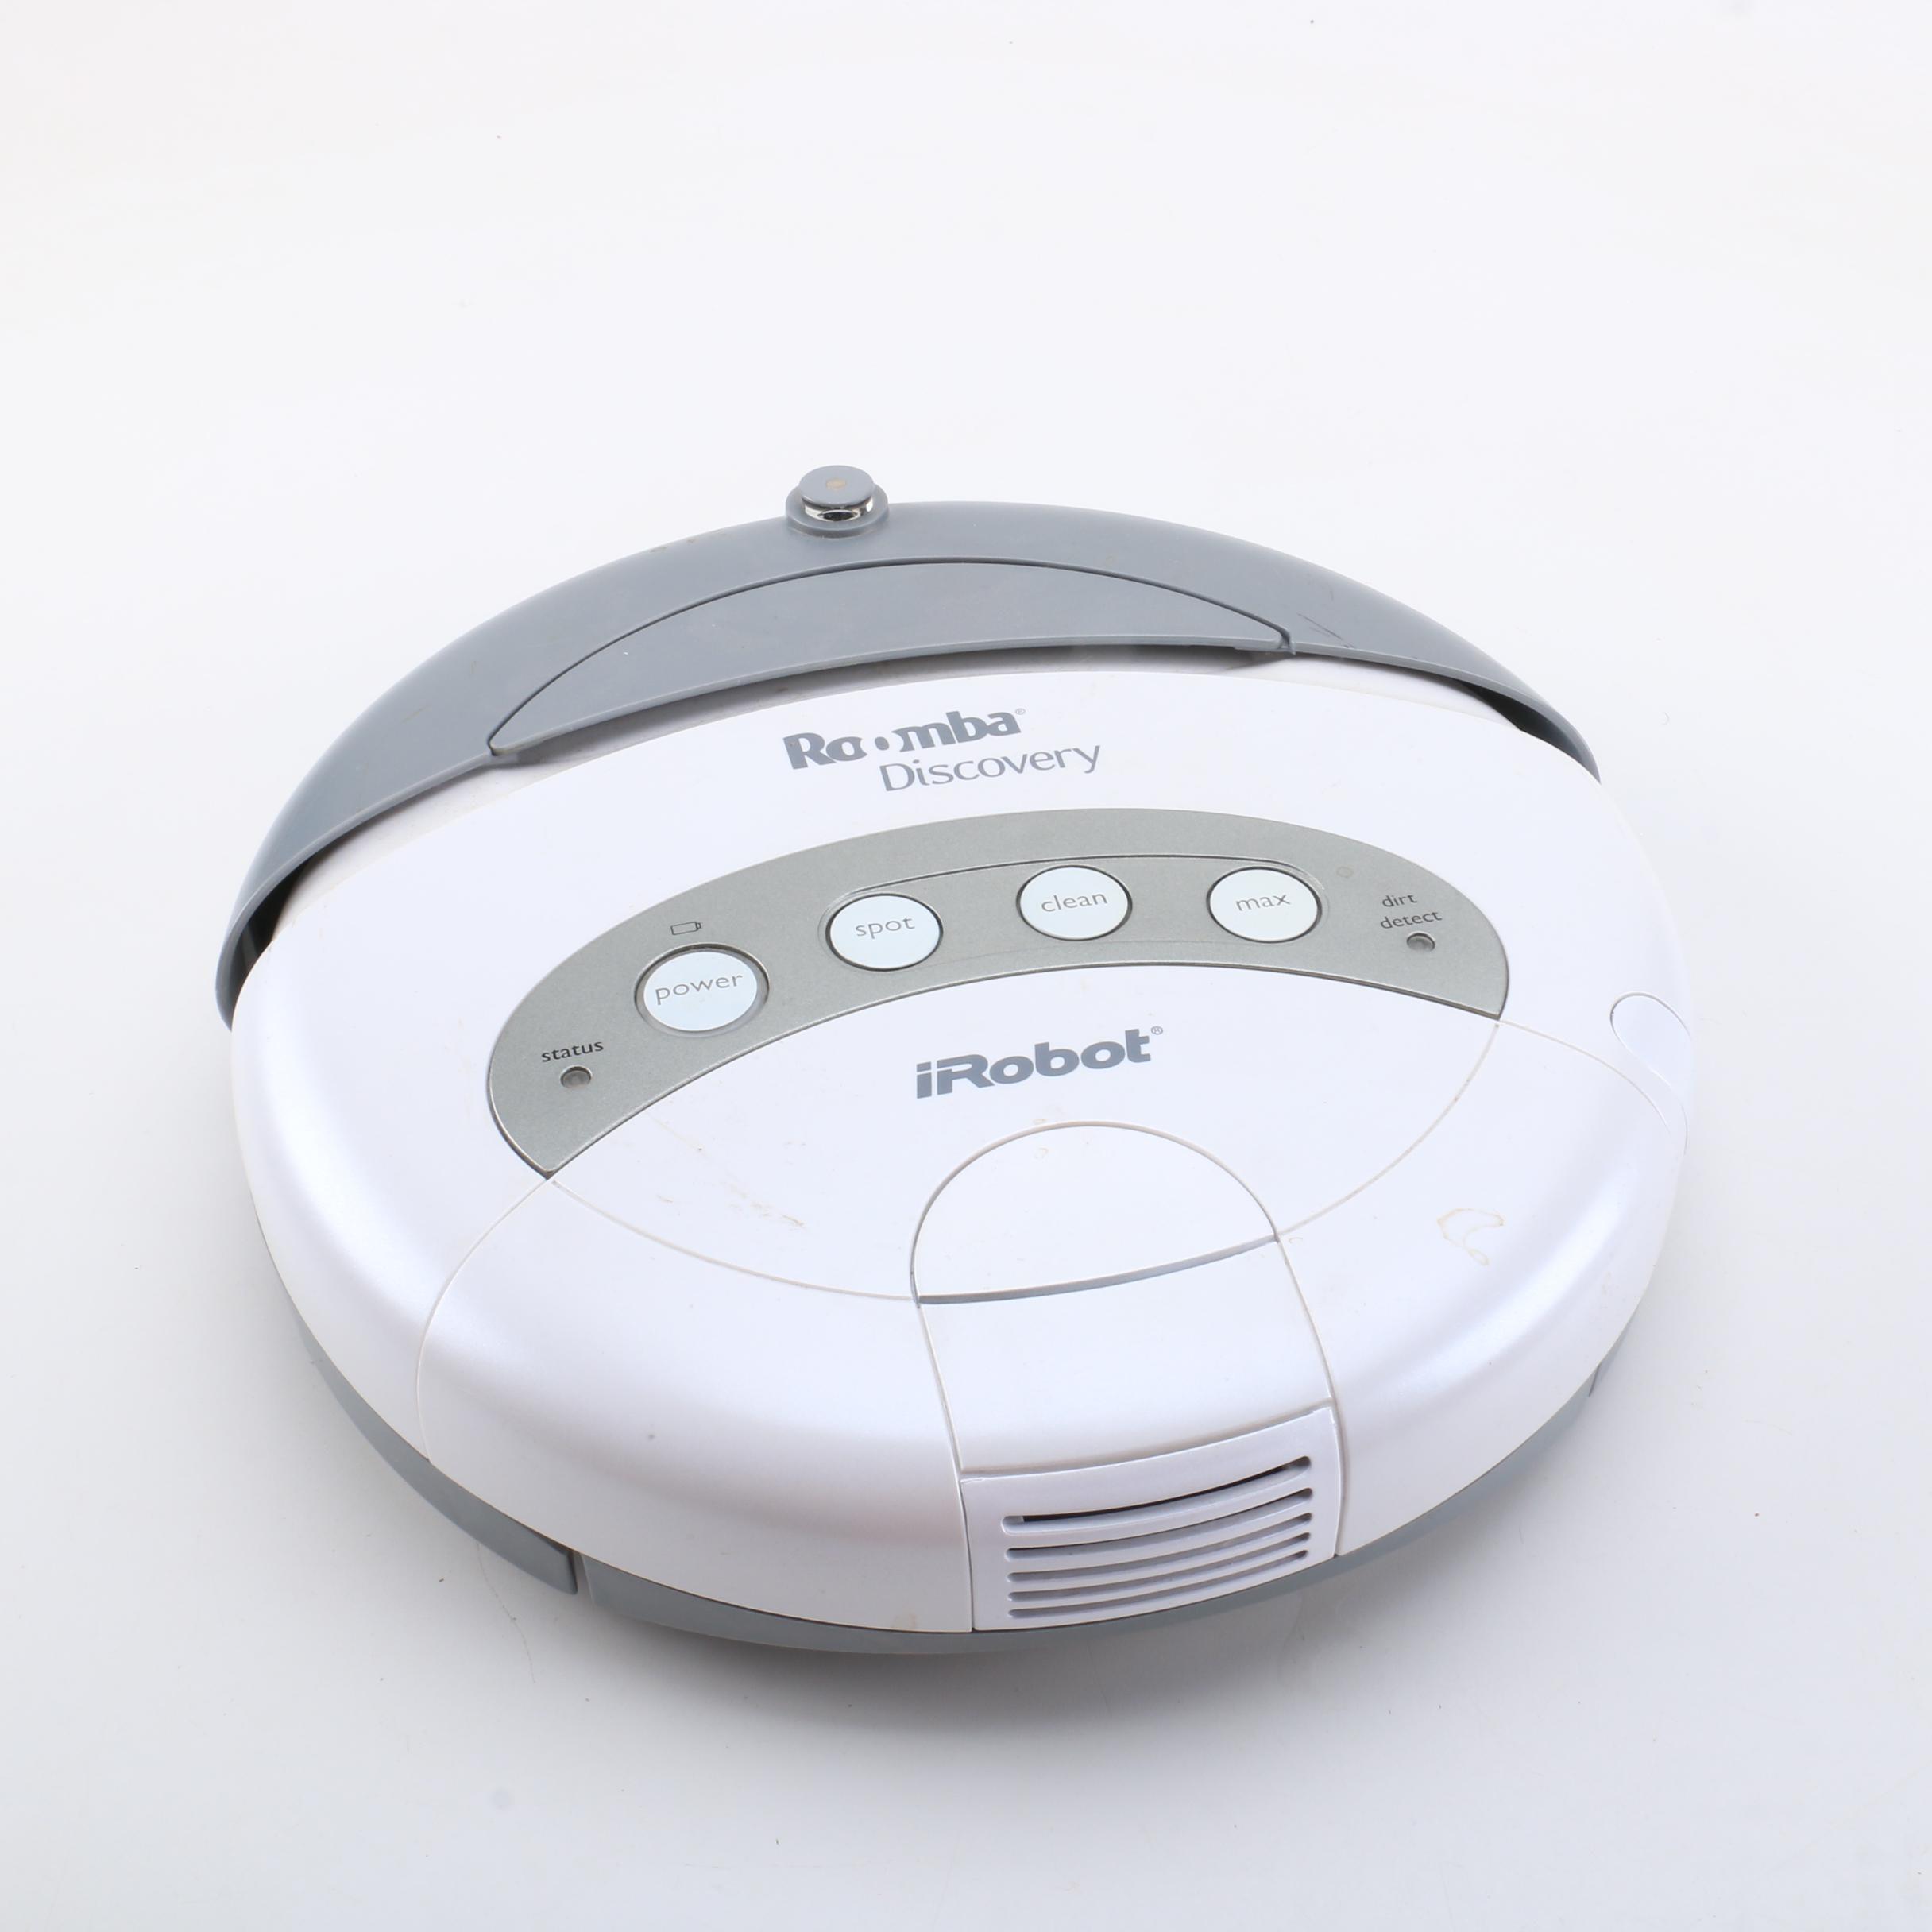 iRobot Roomba 4210 Discovery Robotic Vacuum